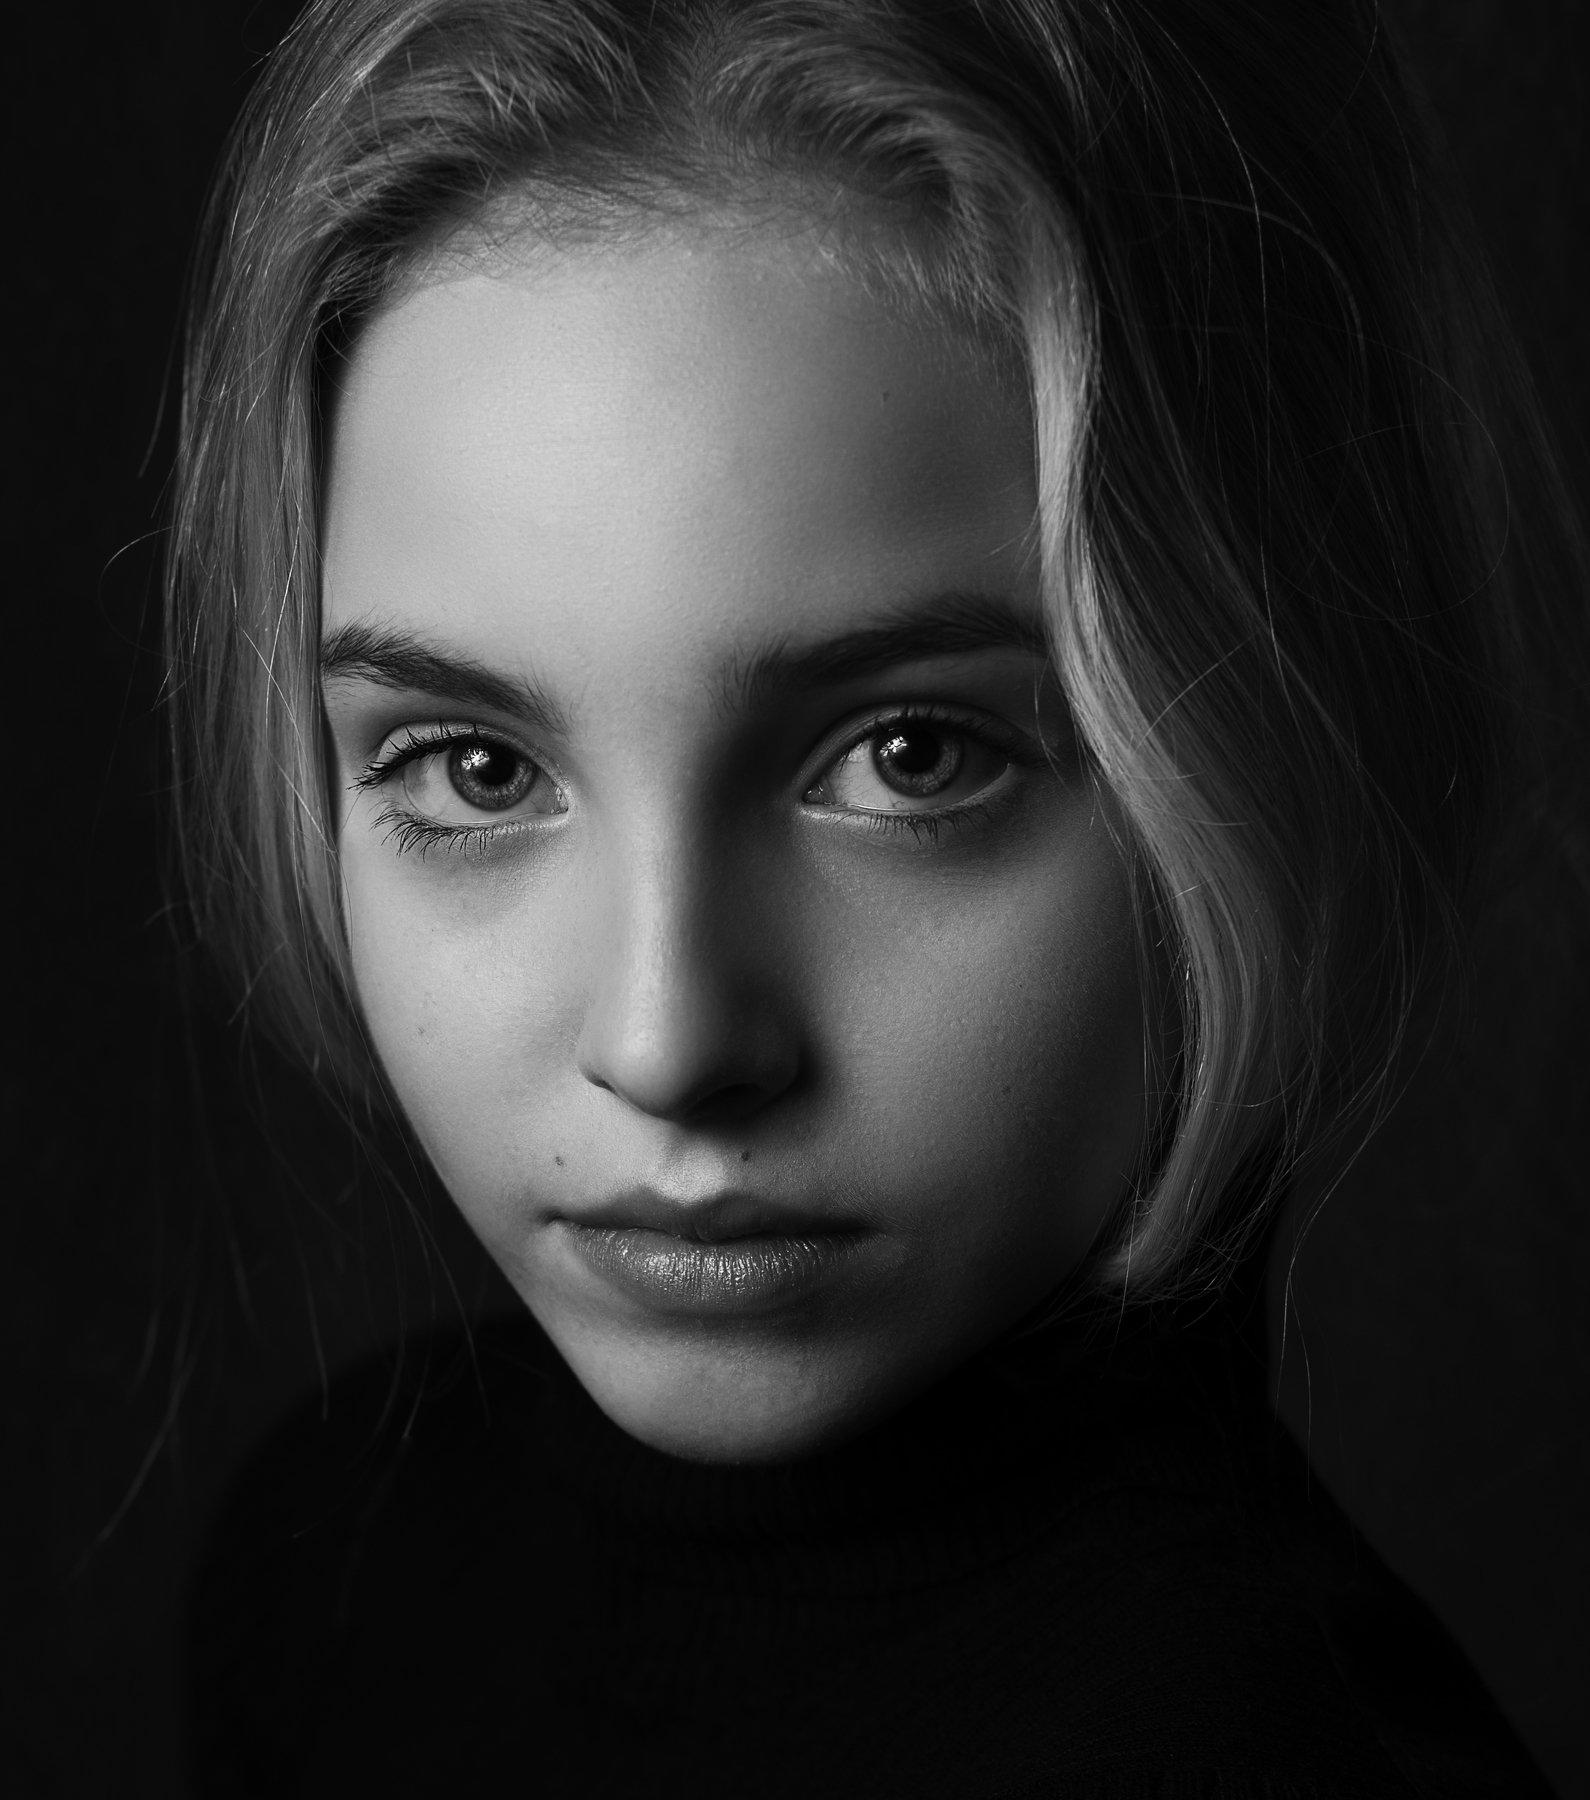 , Kholodova Natalia